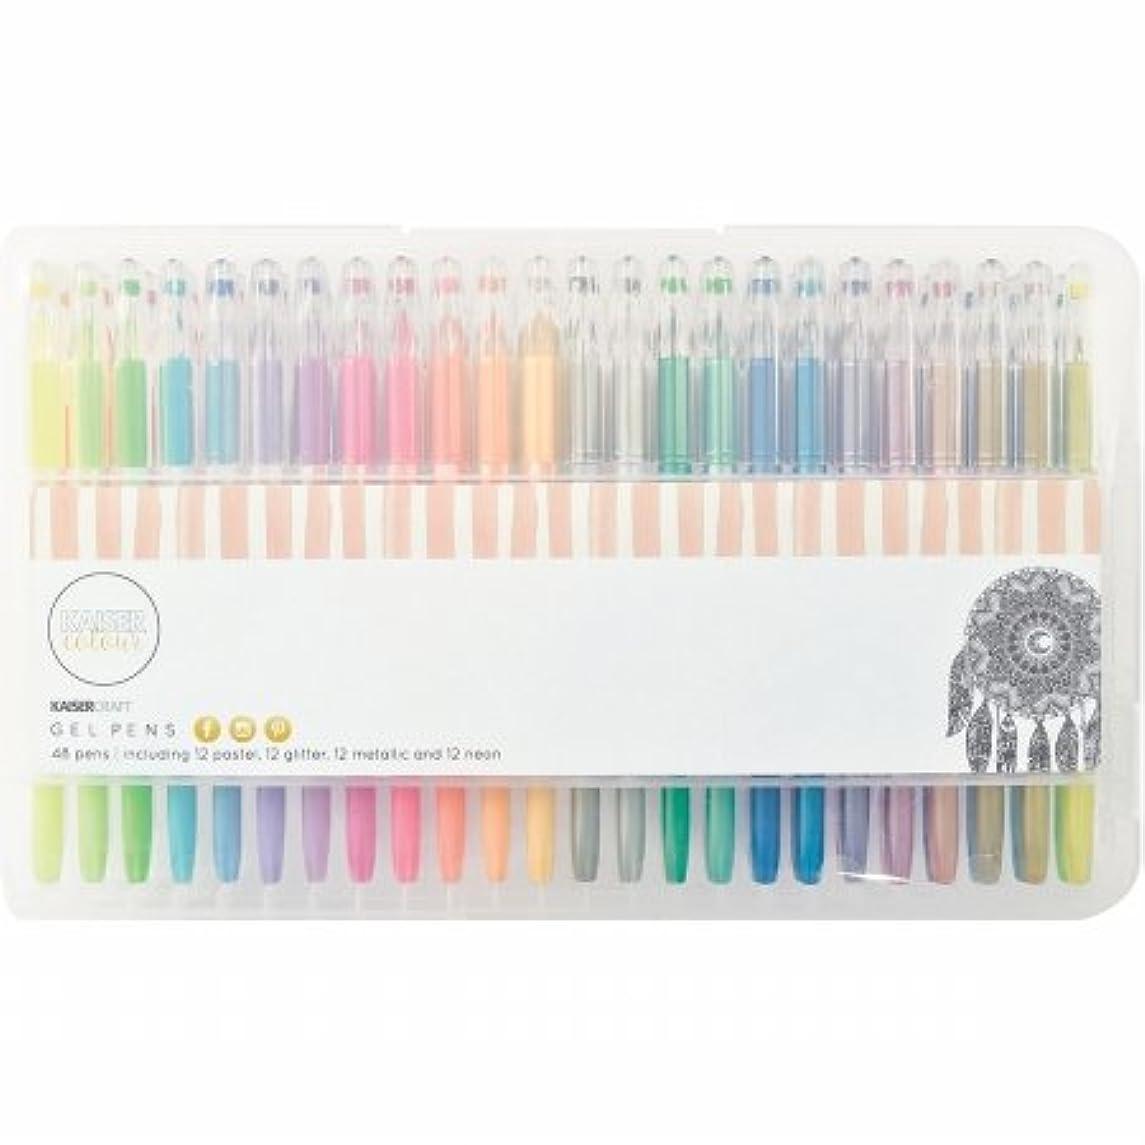 Kaisercraft CL104 KaiserColour Gel Pens - Pastel12; Glitter12; Metallic & Neon 12 - 48 per Pack